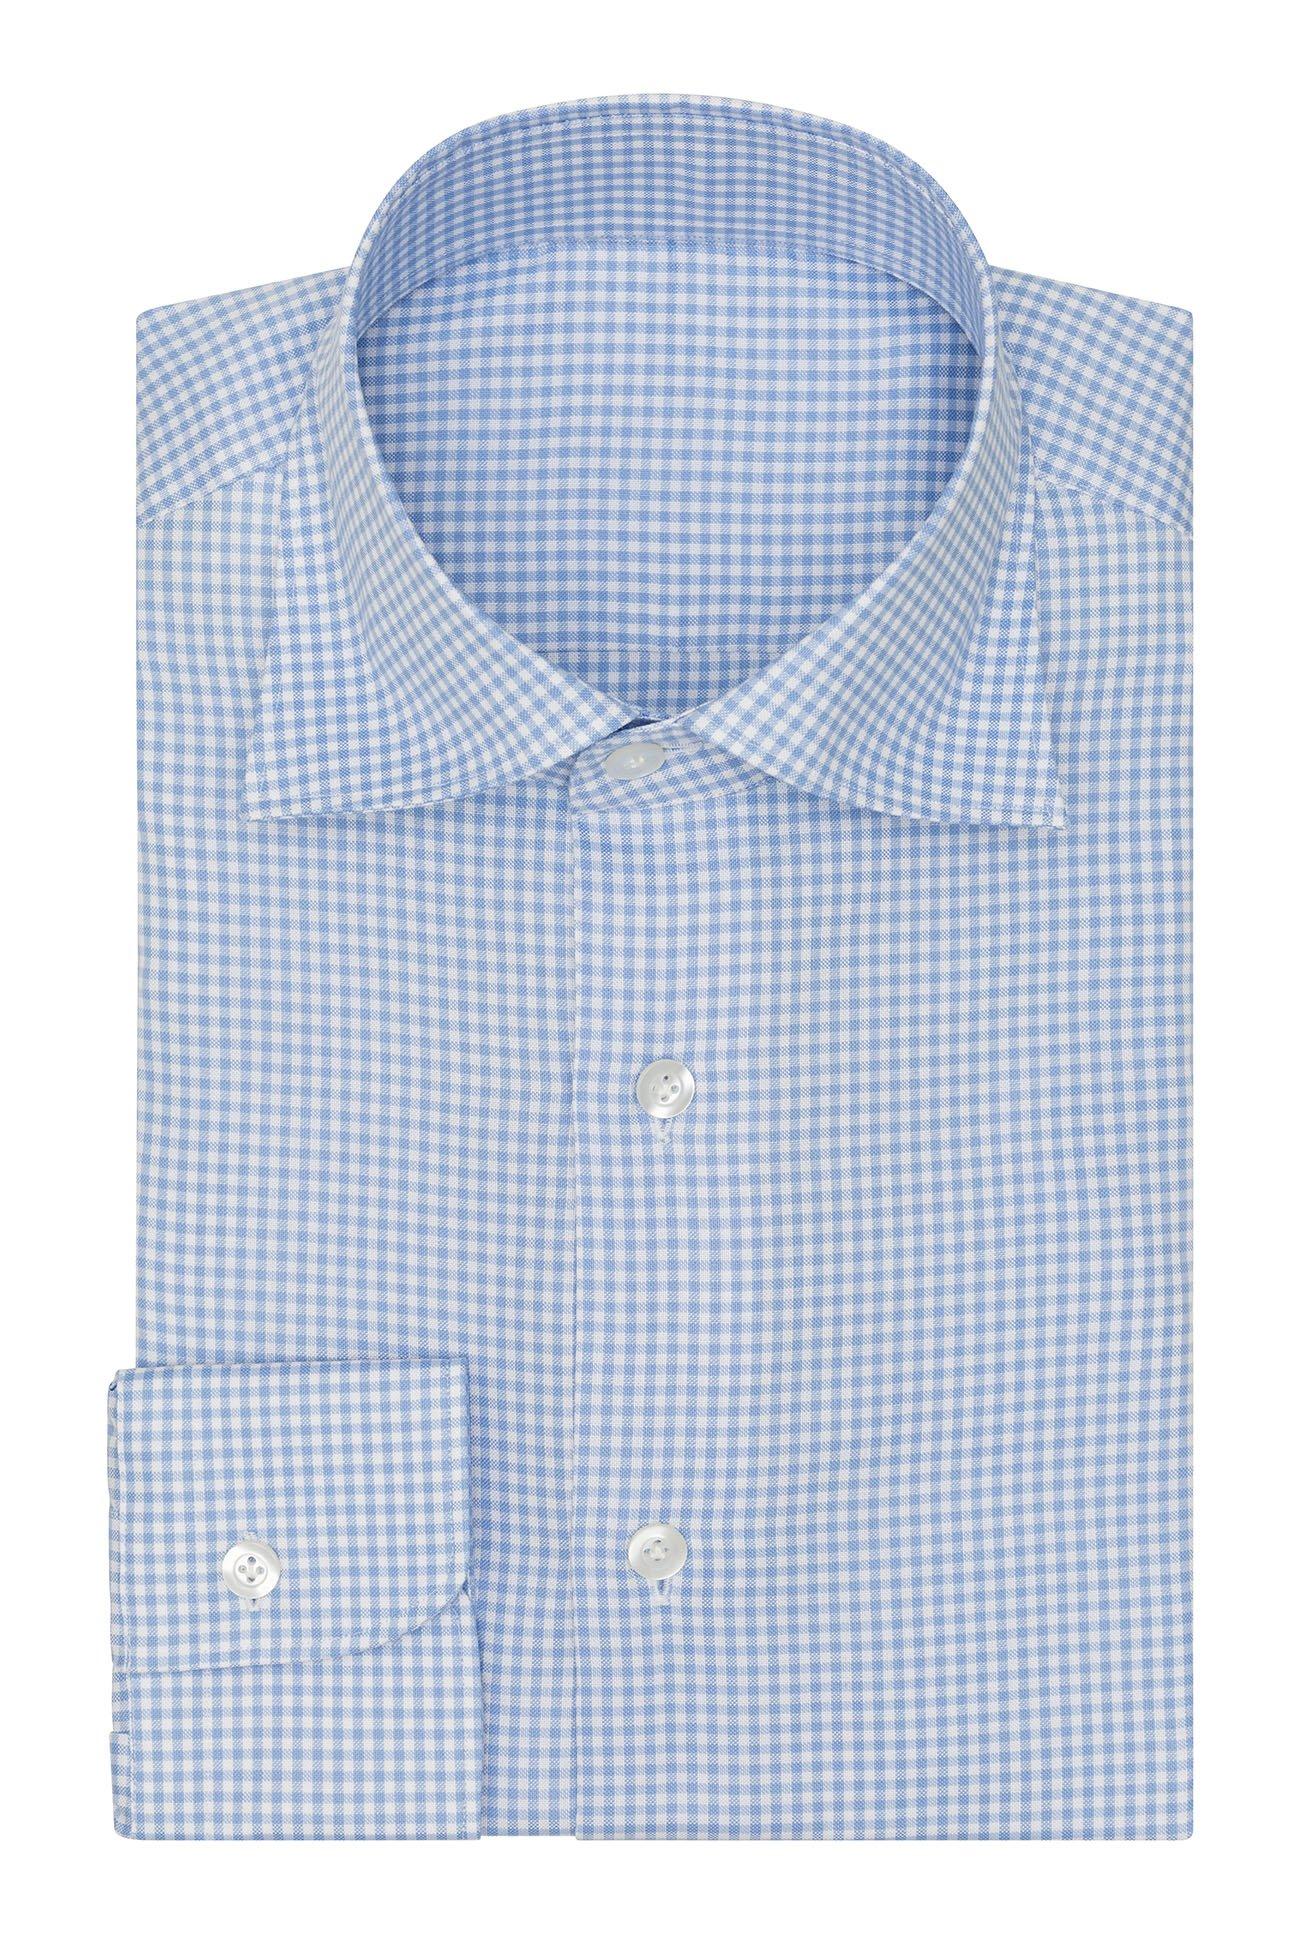 Oxford Check L.Blue